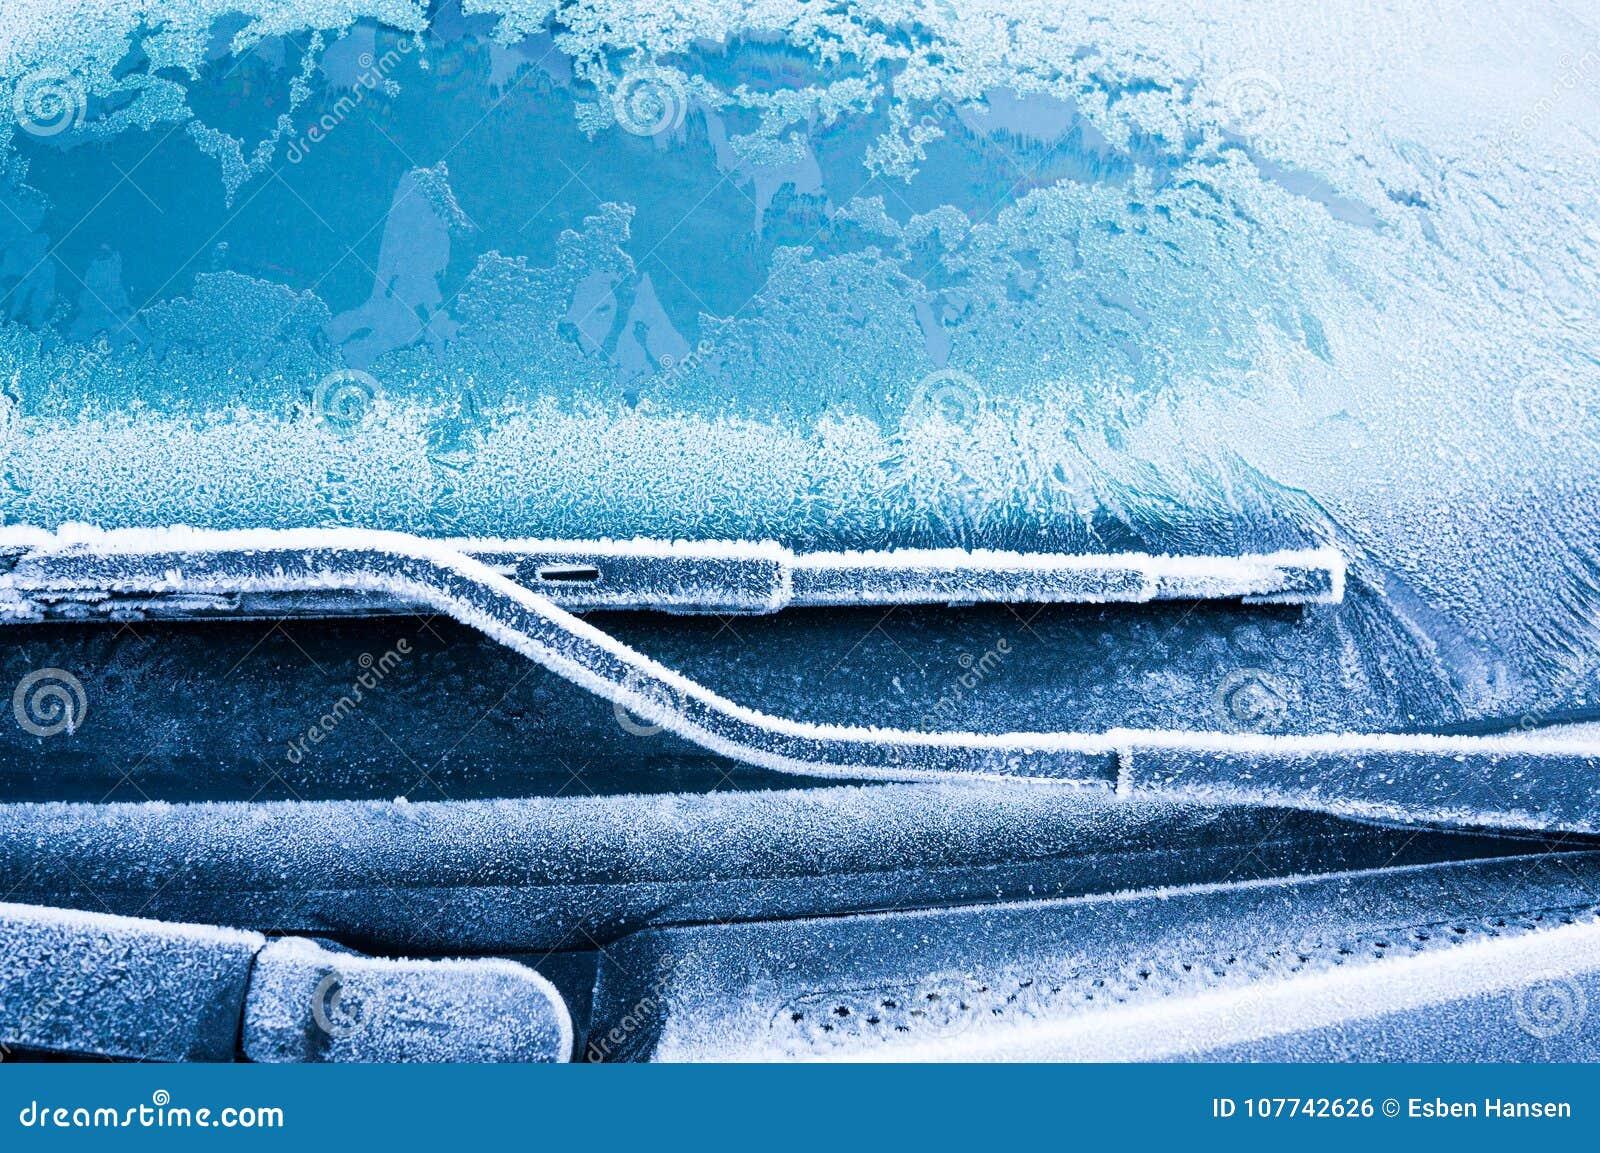 Den iskalla frosten bildar iskristaller i härliga unika modeller på bilen